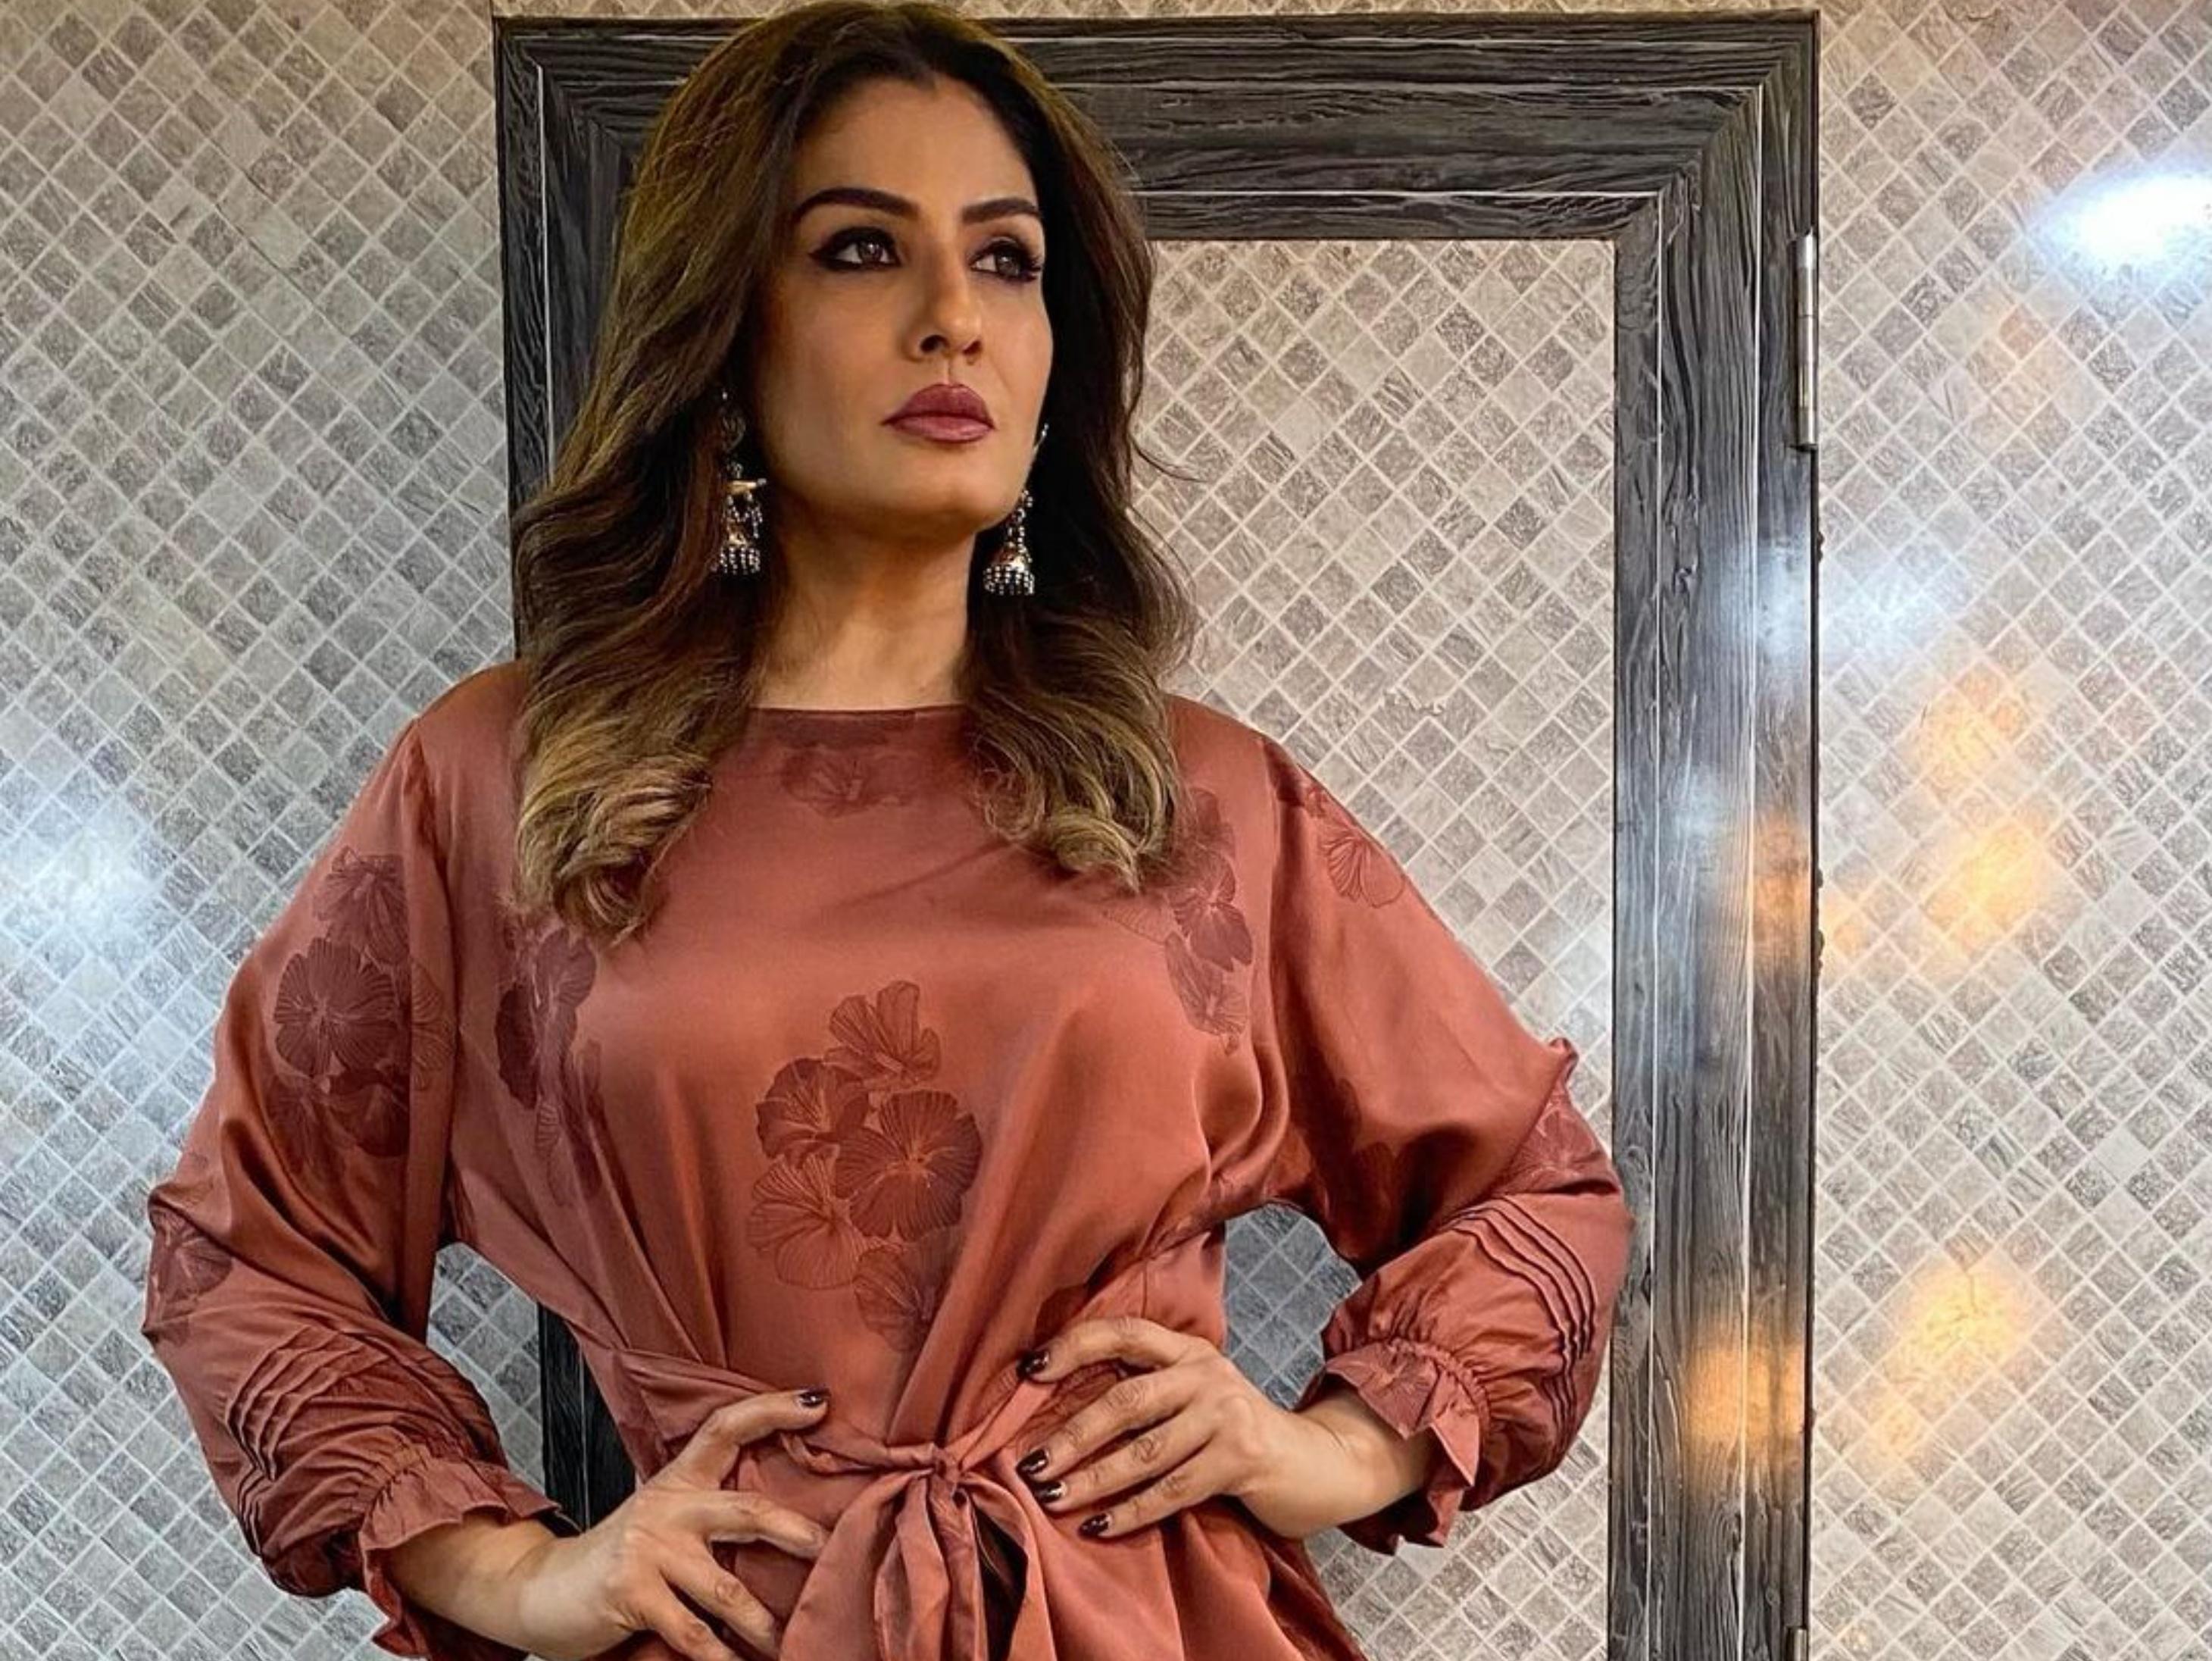 रवीना टंडन ने शेयर किया वीडियो- रस्क को पैक करने से पहले थूक लगाते दिखे वर्कर, एक्ट्रेस बोलीं इन्हें सलाखों के पीछे होना चाहिए|बॉलीवुड,Bollywood - Dainik Bhaskar